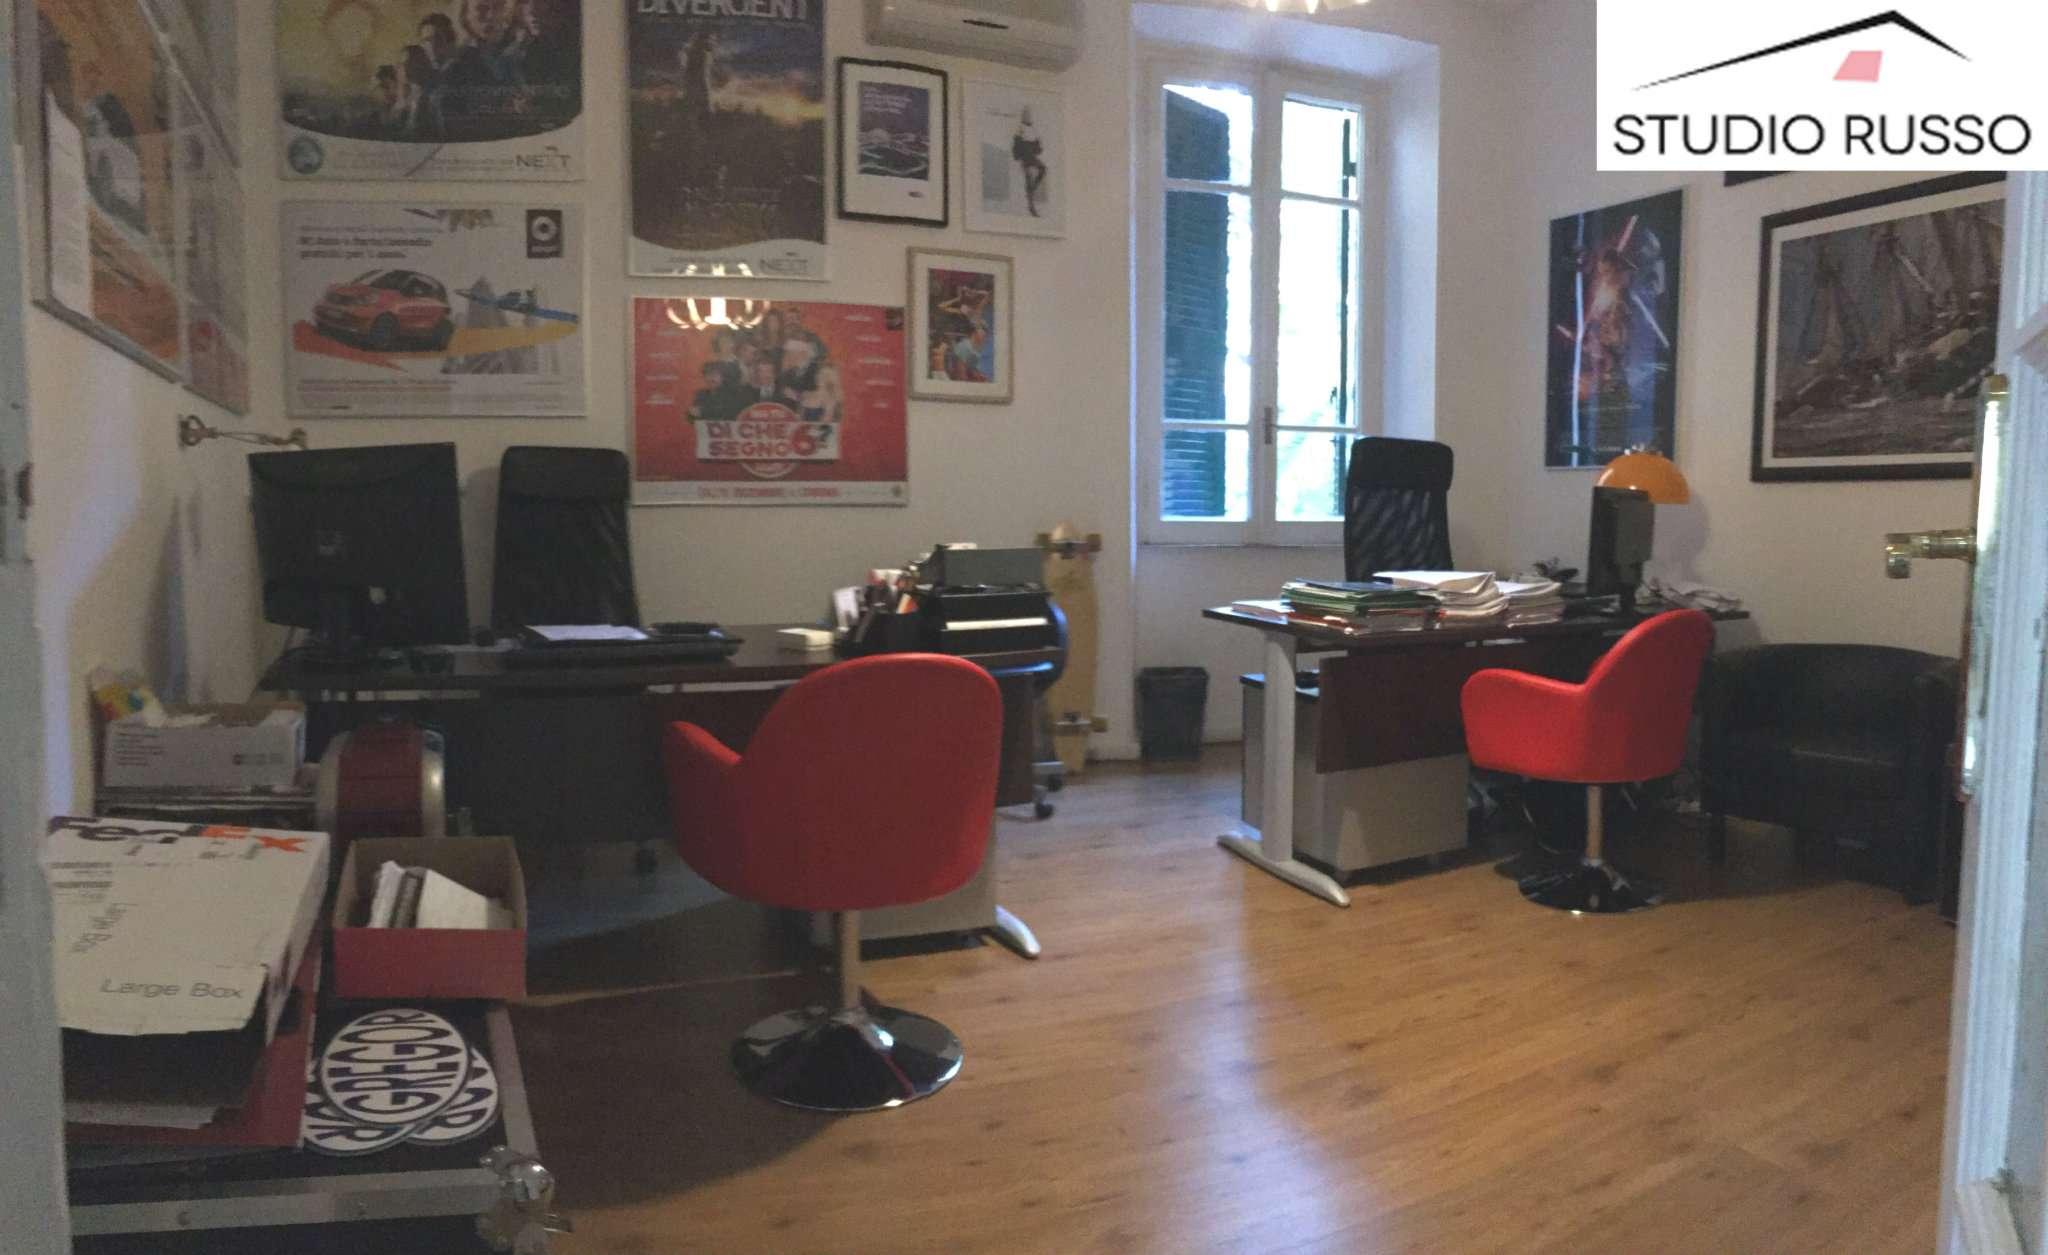 Ufficio studio roma affitto 1800 euro zona 30 09 03 2017 for Affitto ufficio roma zona prati